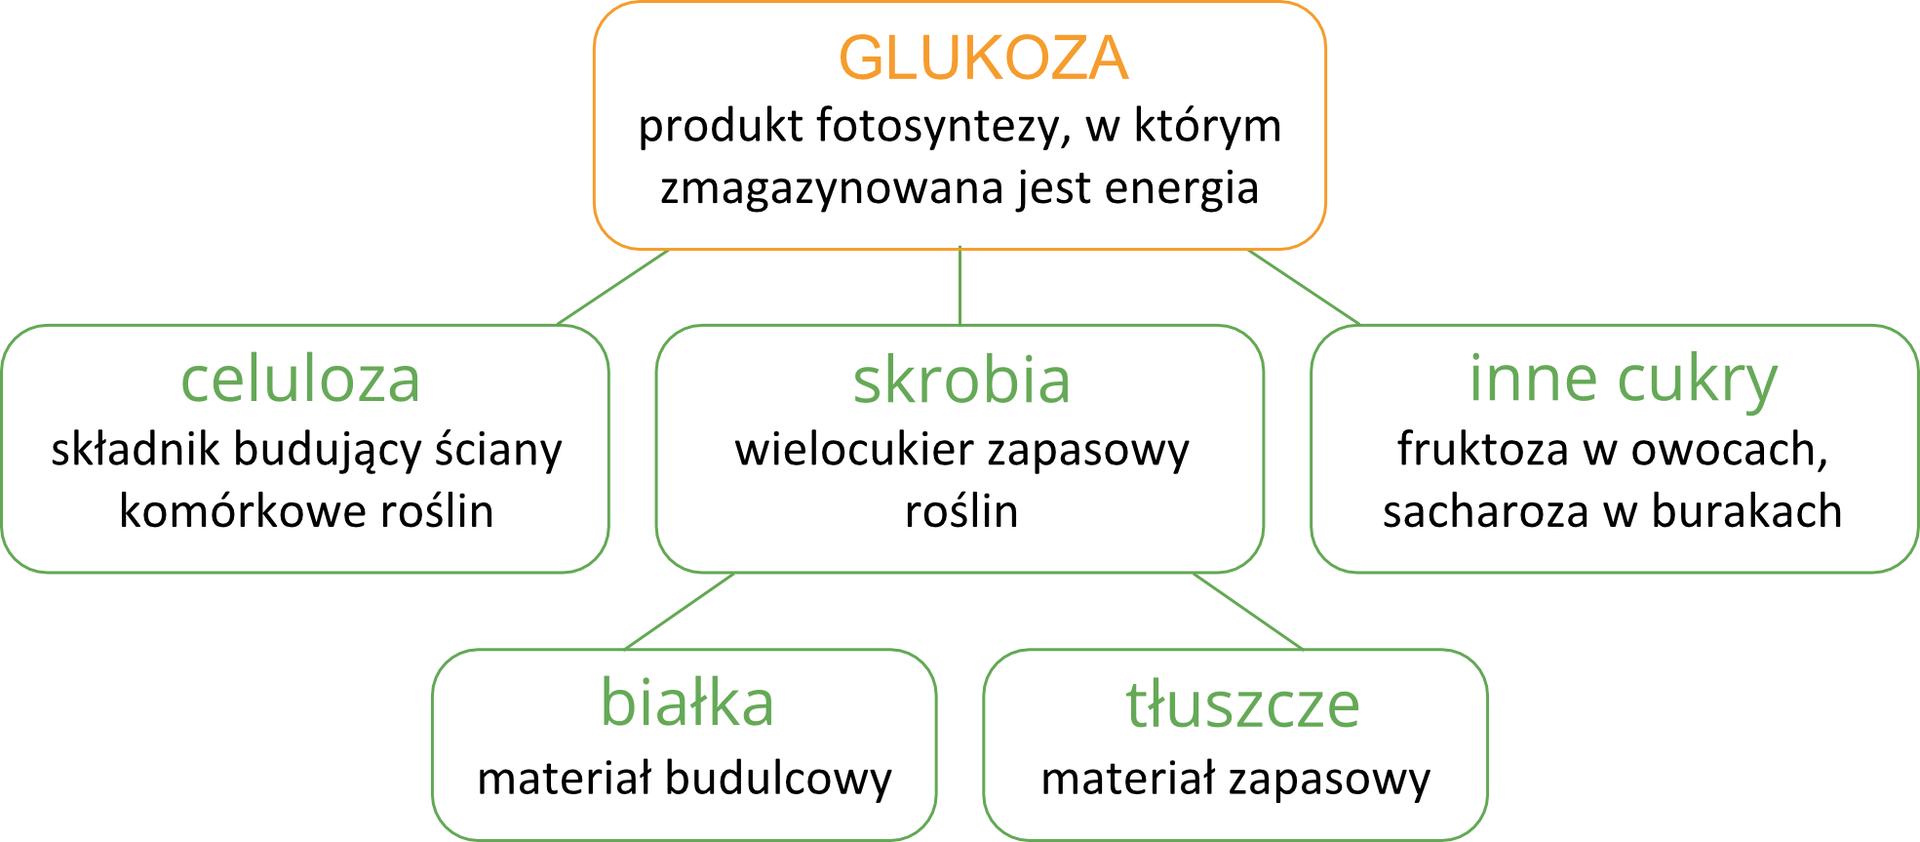 Ilustracja przedstawia schemat przemiany glukozy wzwiązki organiczne wpostaci prostokątów. Duży pomarańczowy prostokąt oznacza glukozę, czyli produkt fotosyntezy. Od niego linie wdół prowadzą do trzech zielonych prostokątów. Oznaczają one związki, powstające zglukozy: celulozę, skrobię iinne cukry. Od prostokąta znazwą skrobi wdół prowadzą dwie linie do kolejnych zielonych prostokątów. Oznacza to, że ze skrobi powstają białka itłuszcze.